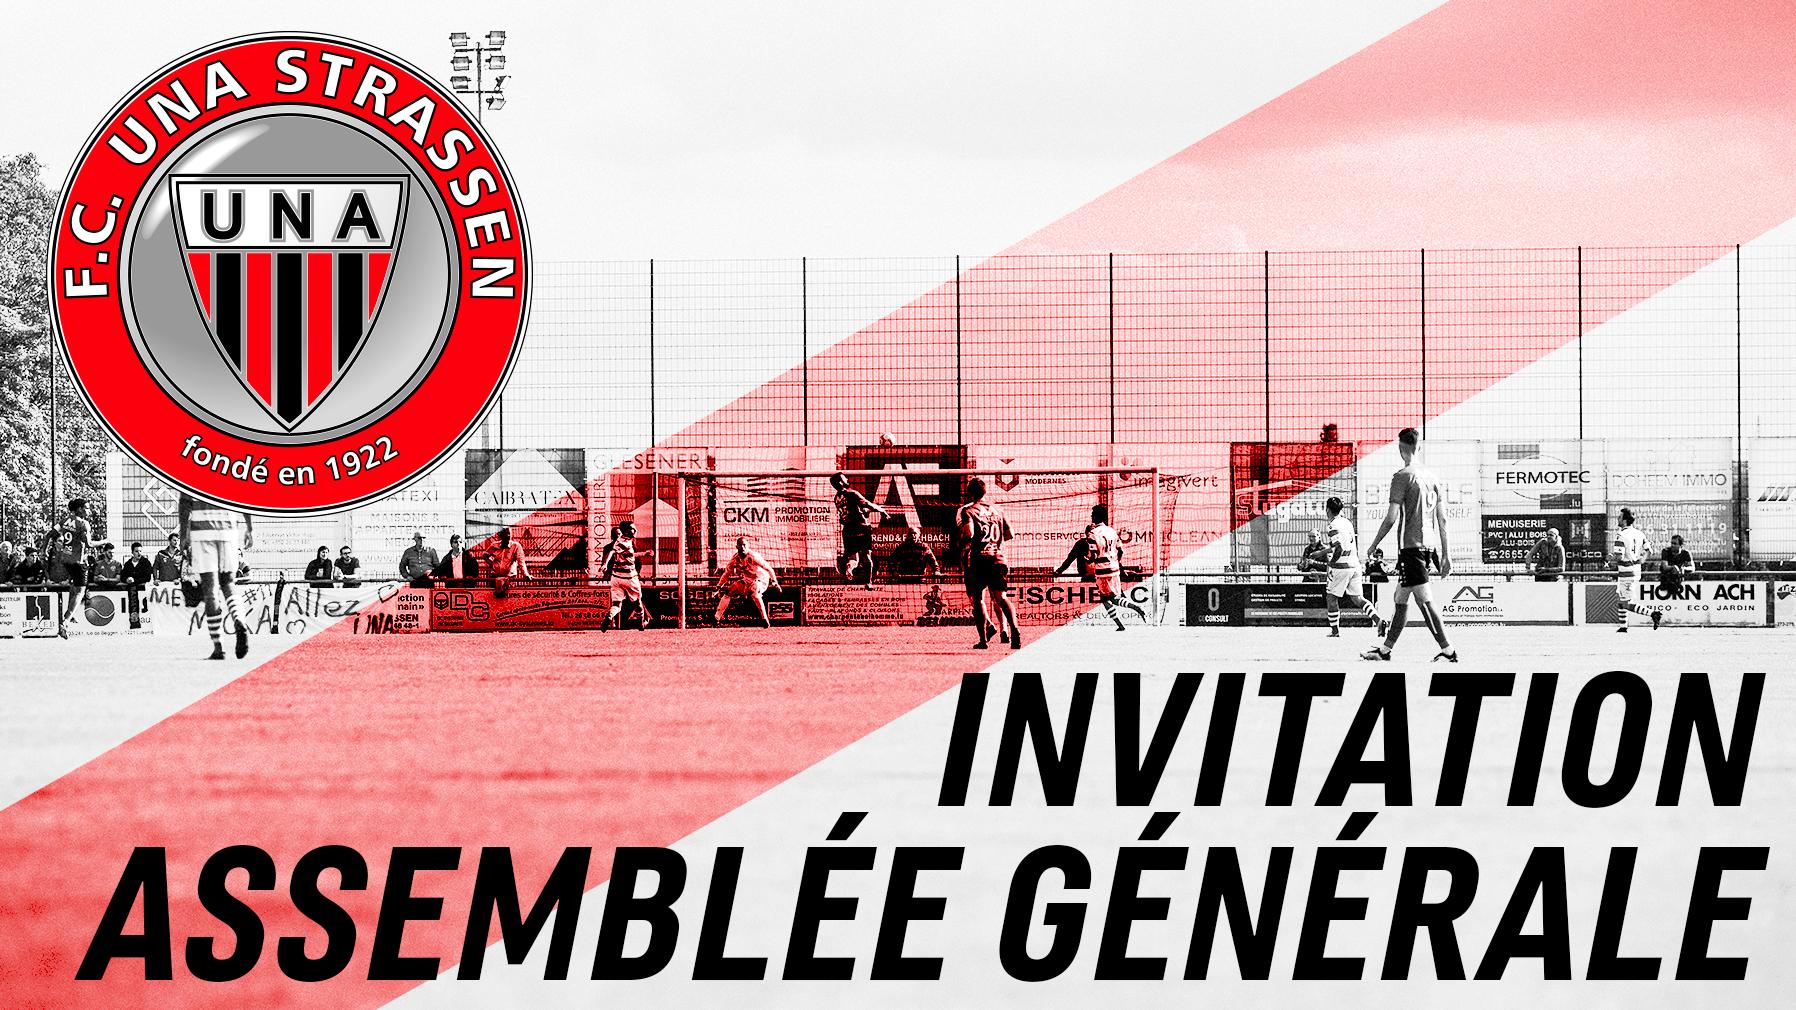 Invitation Assemblée Générale